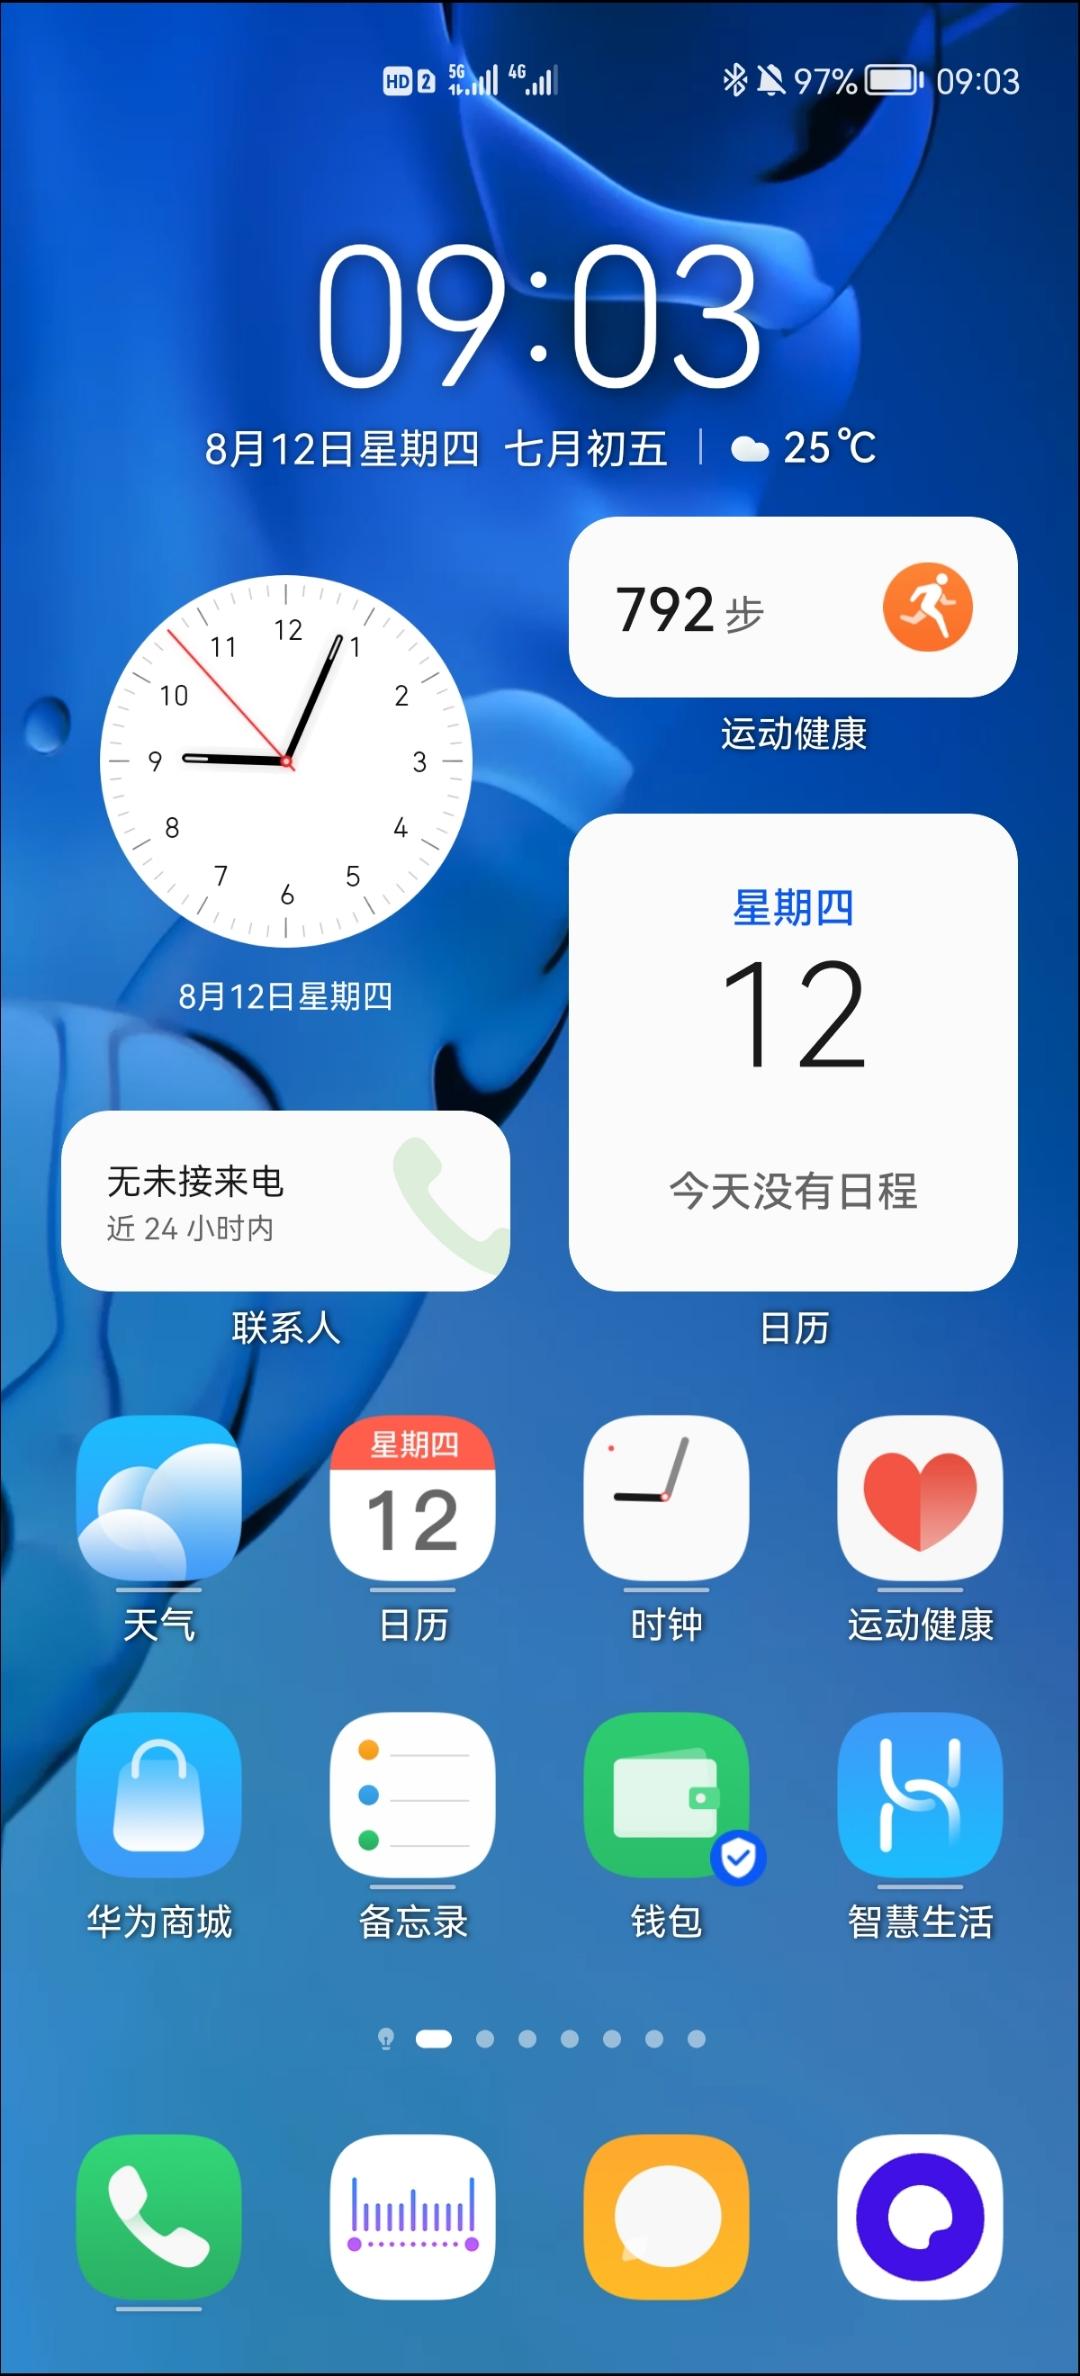 Screenshot_20210812_090353_com.huawei.android.launcher.jpg